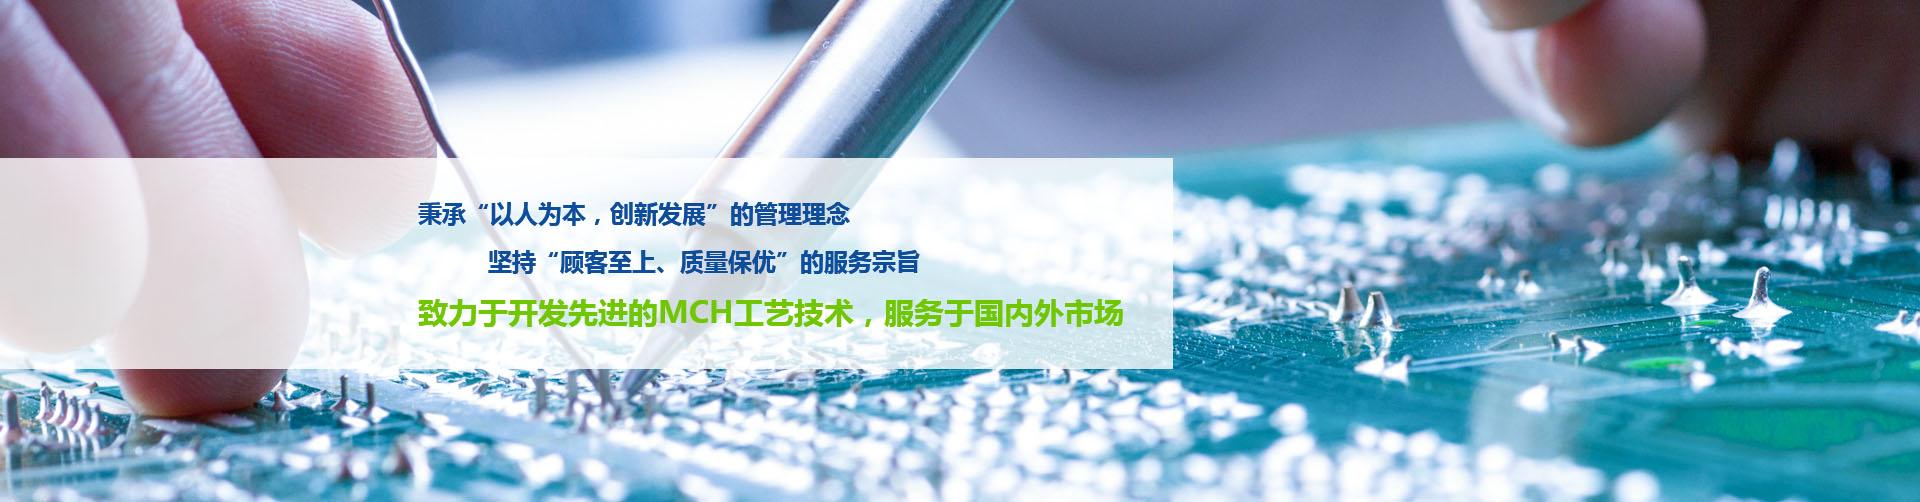 郑州嵩鑫电子科技有限公司